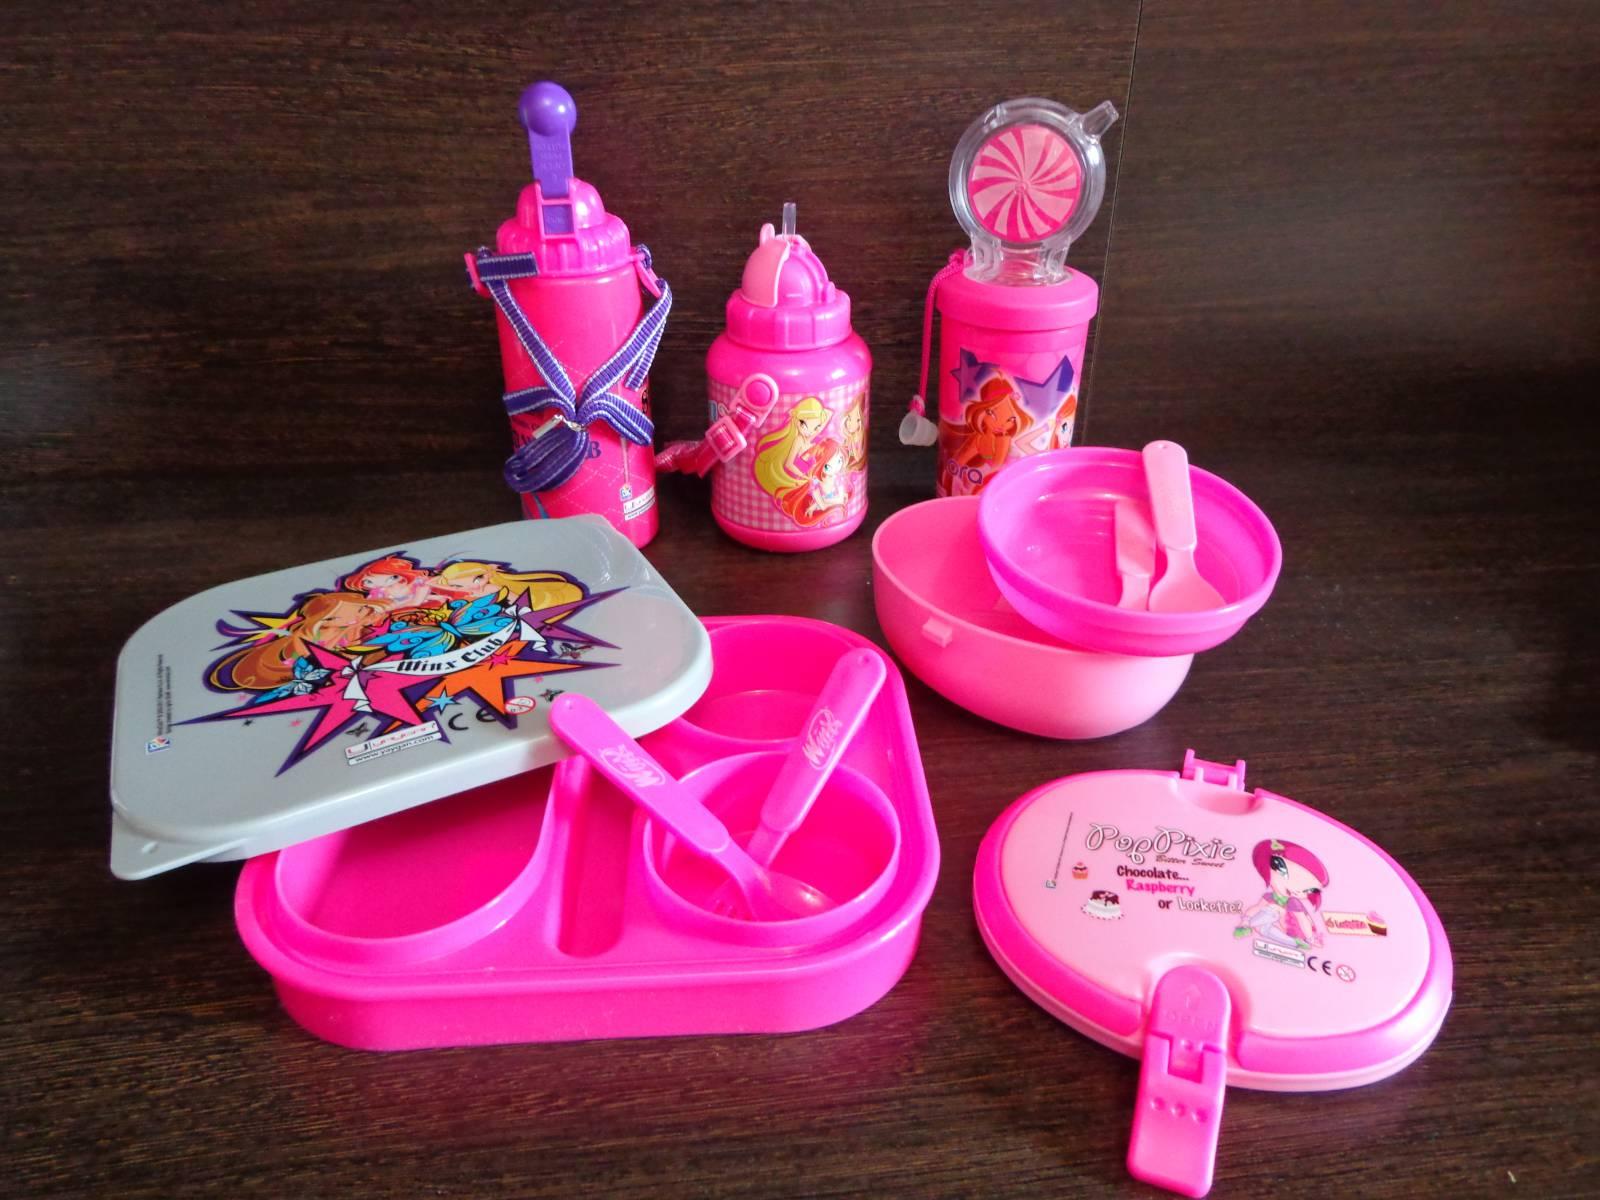 набор winx для школьника: термос, стакан, окробка для завтраков и обедов, пластиковые тарелки, миски, ложки розовые